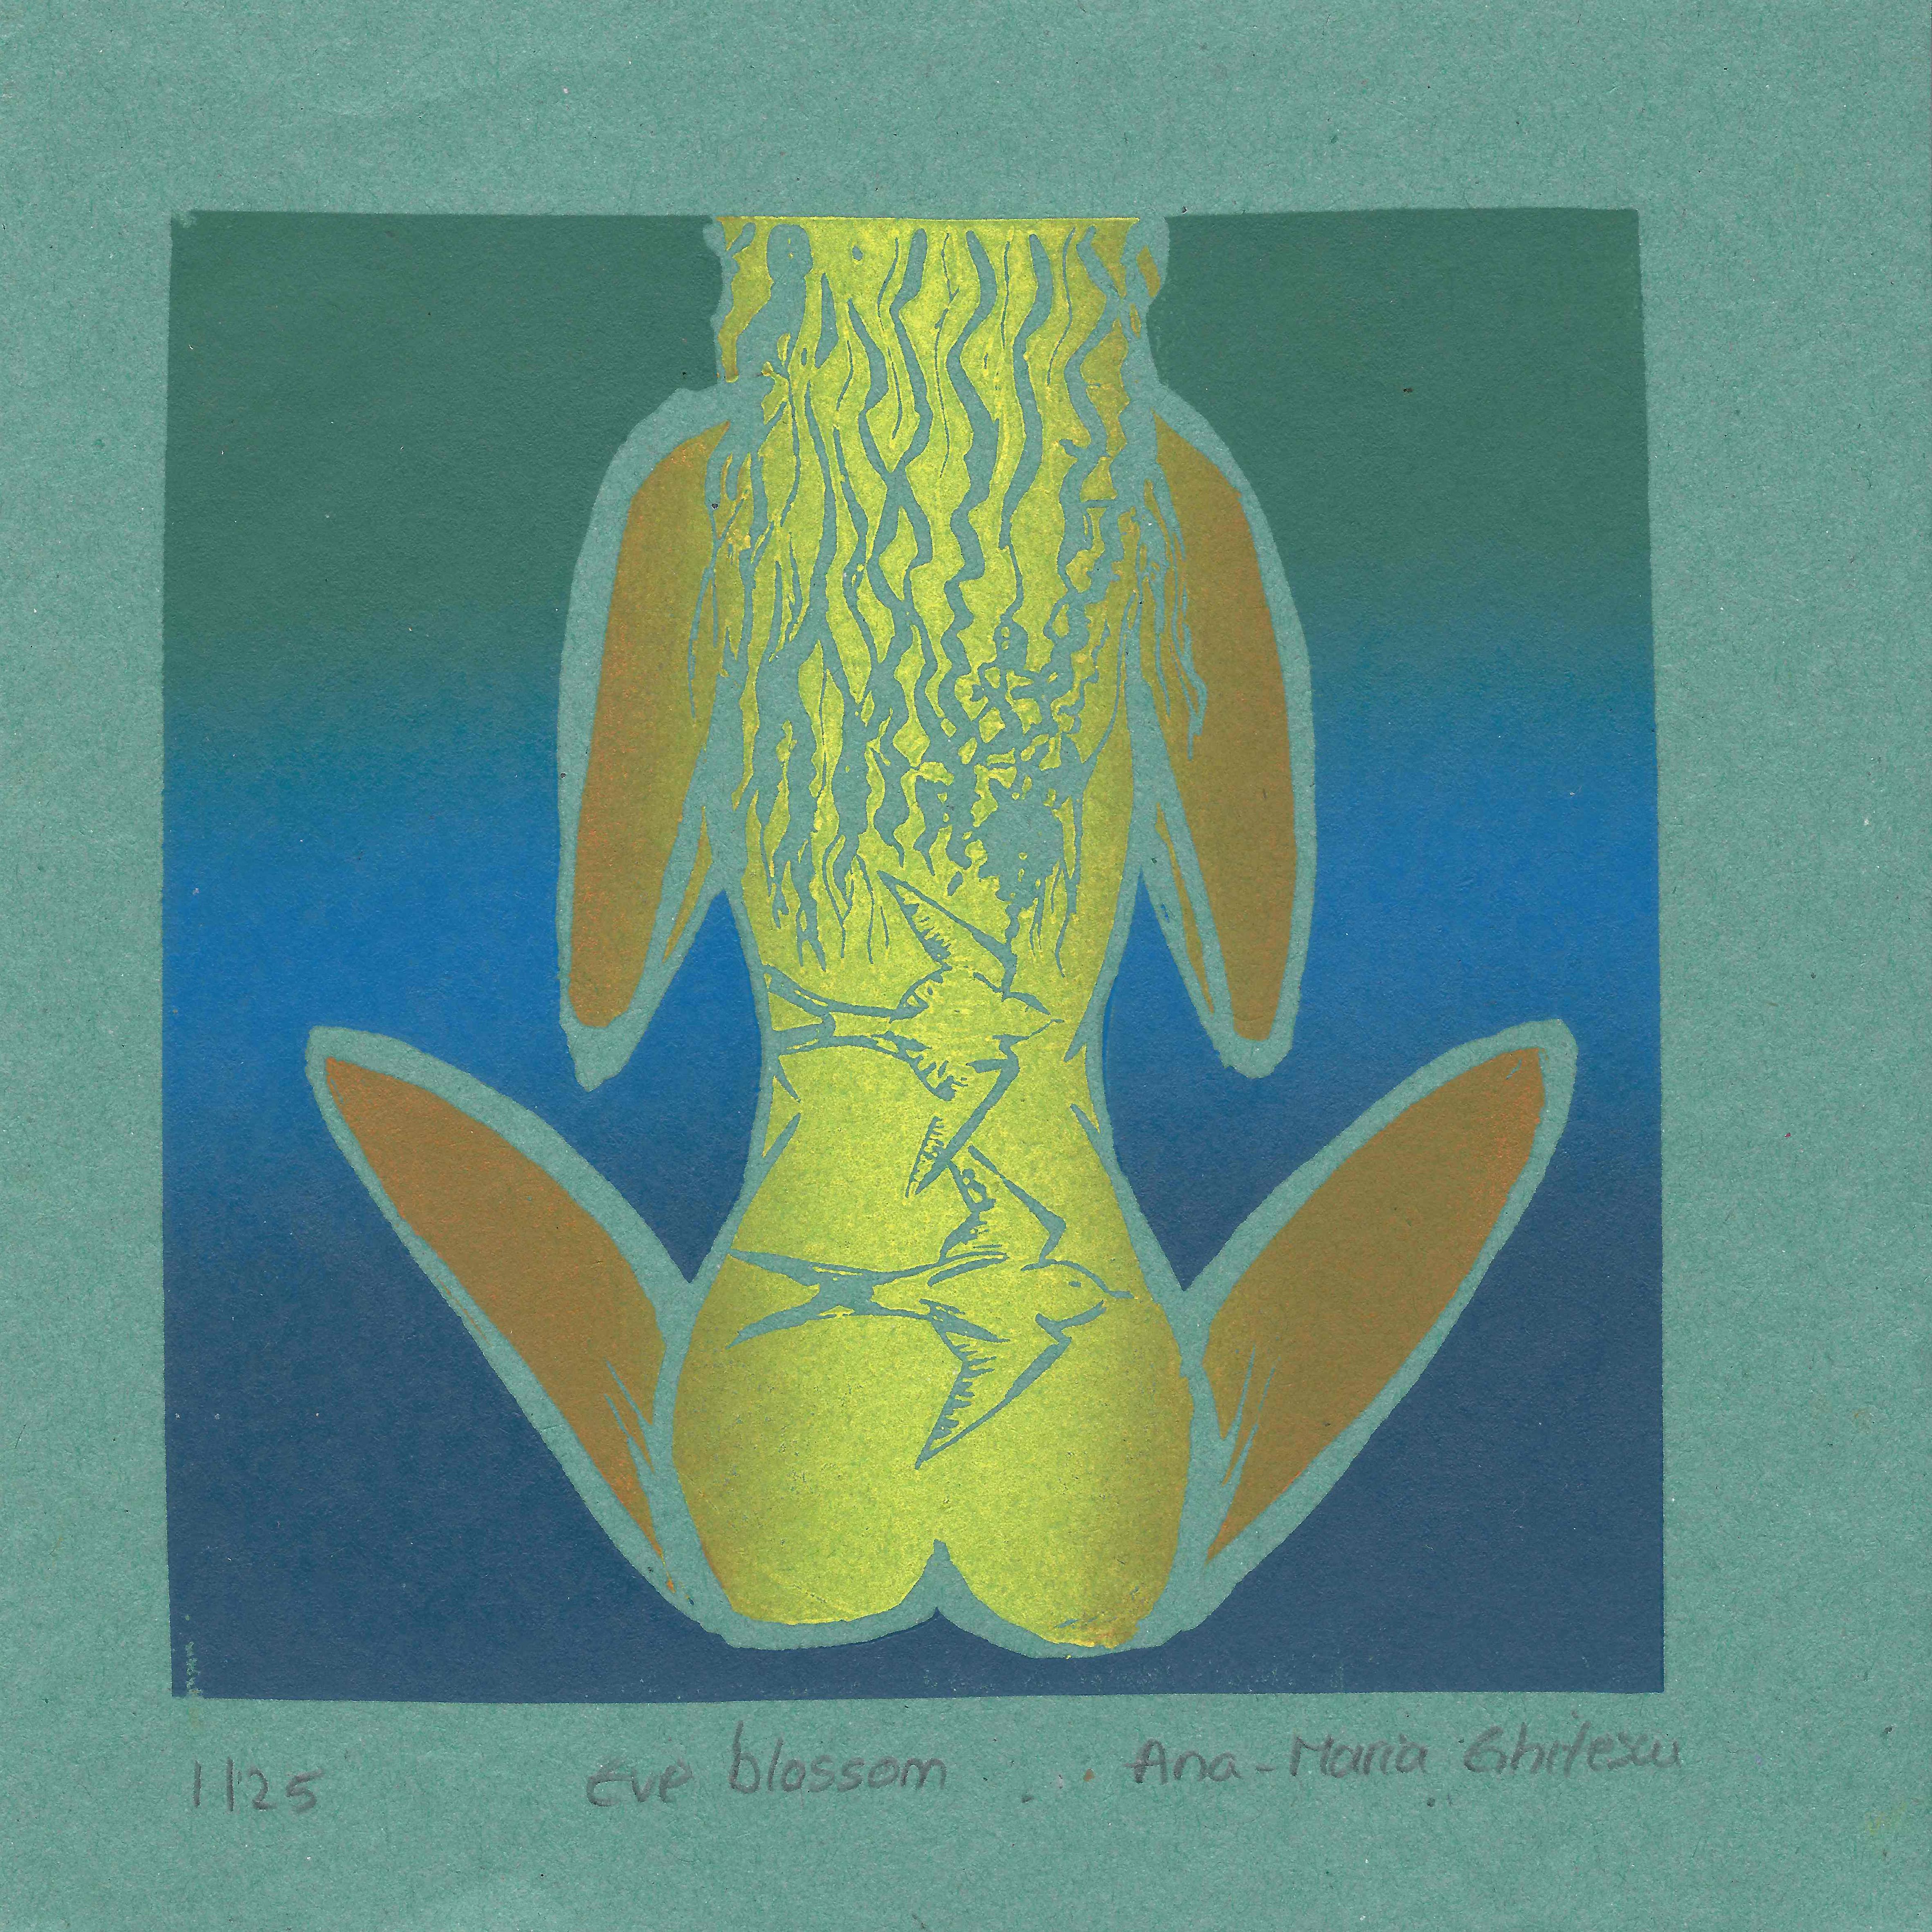 Ana-Maria Ghitescu - Eve Blossom - The H